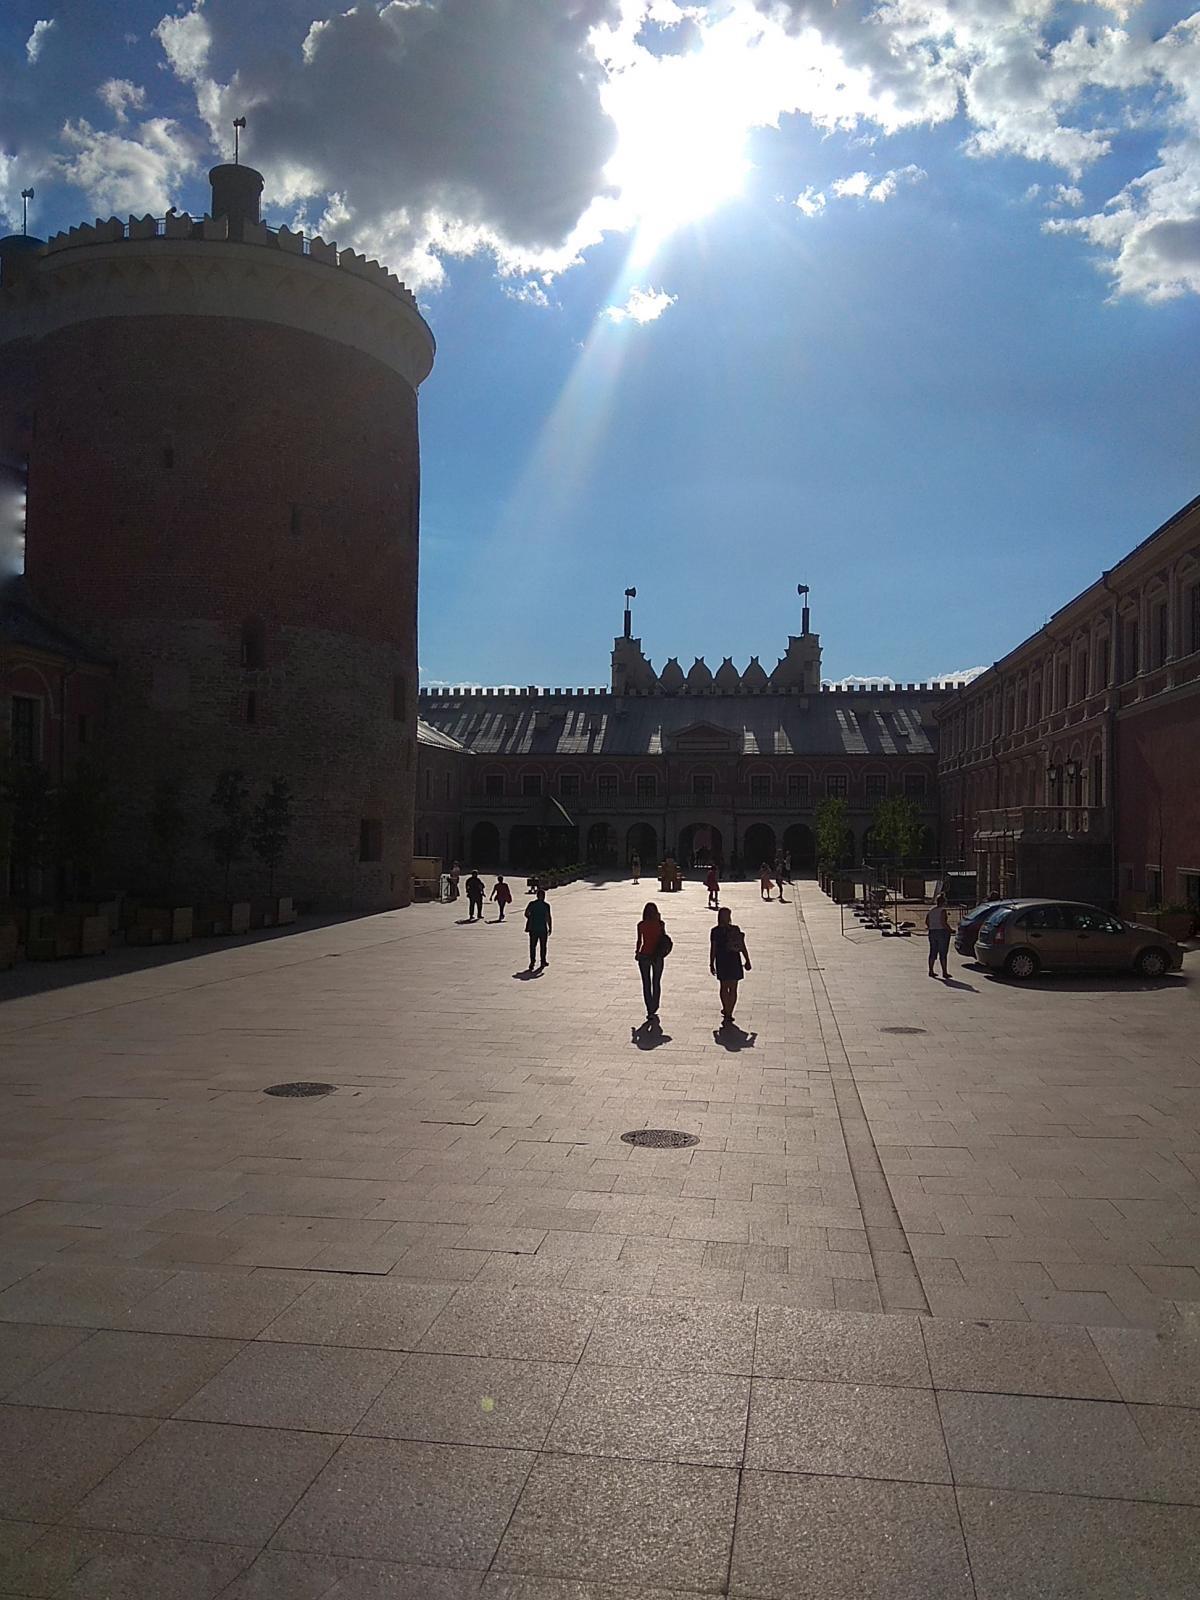 Внутренний двор замка / фото